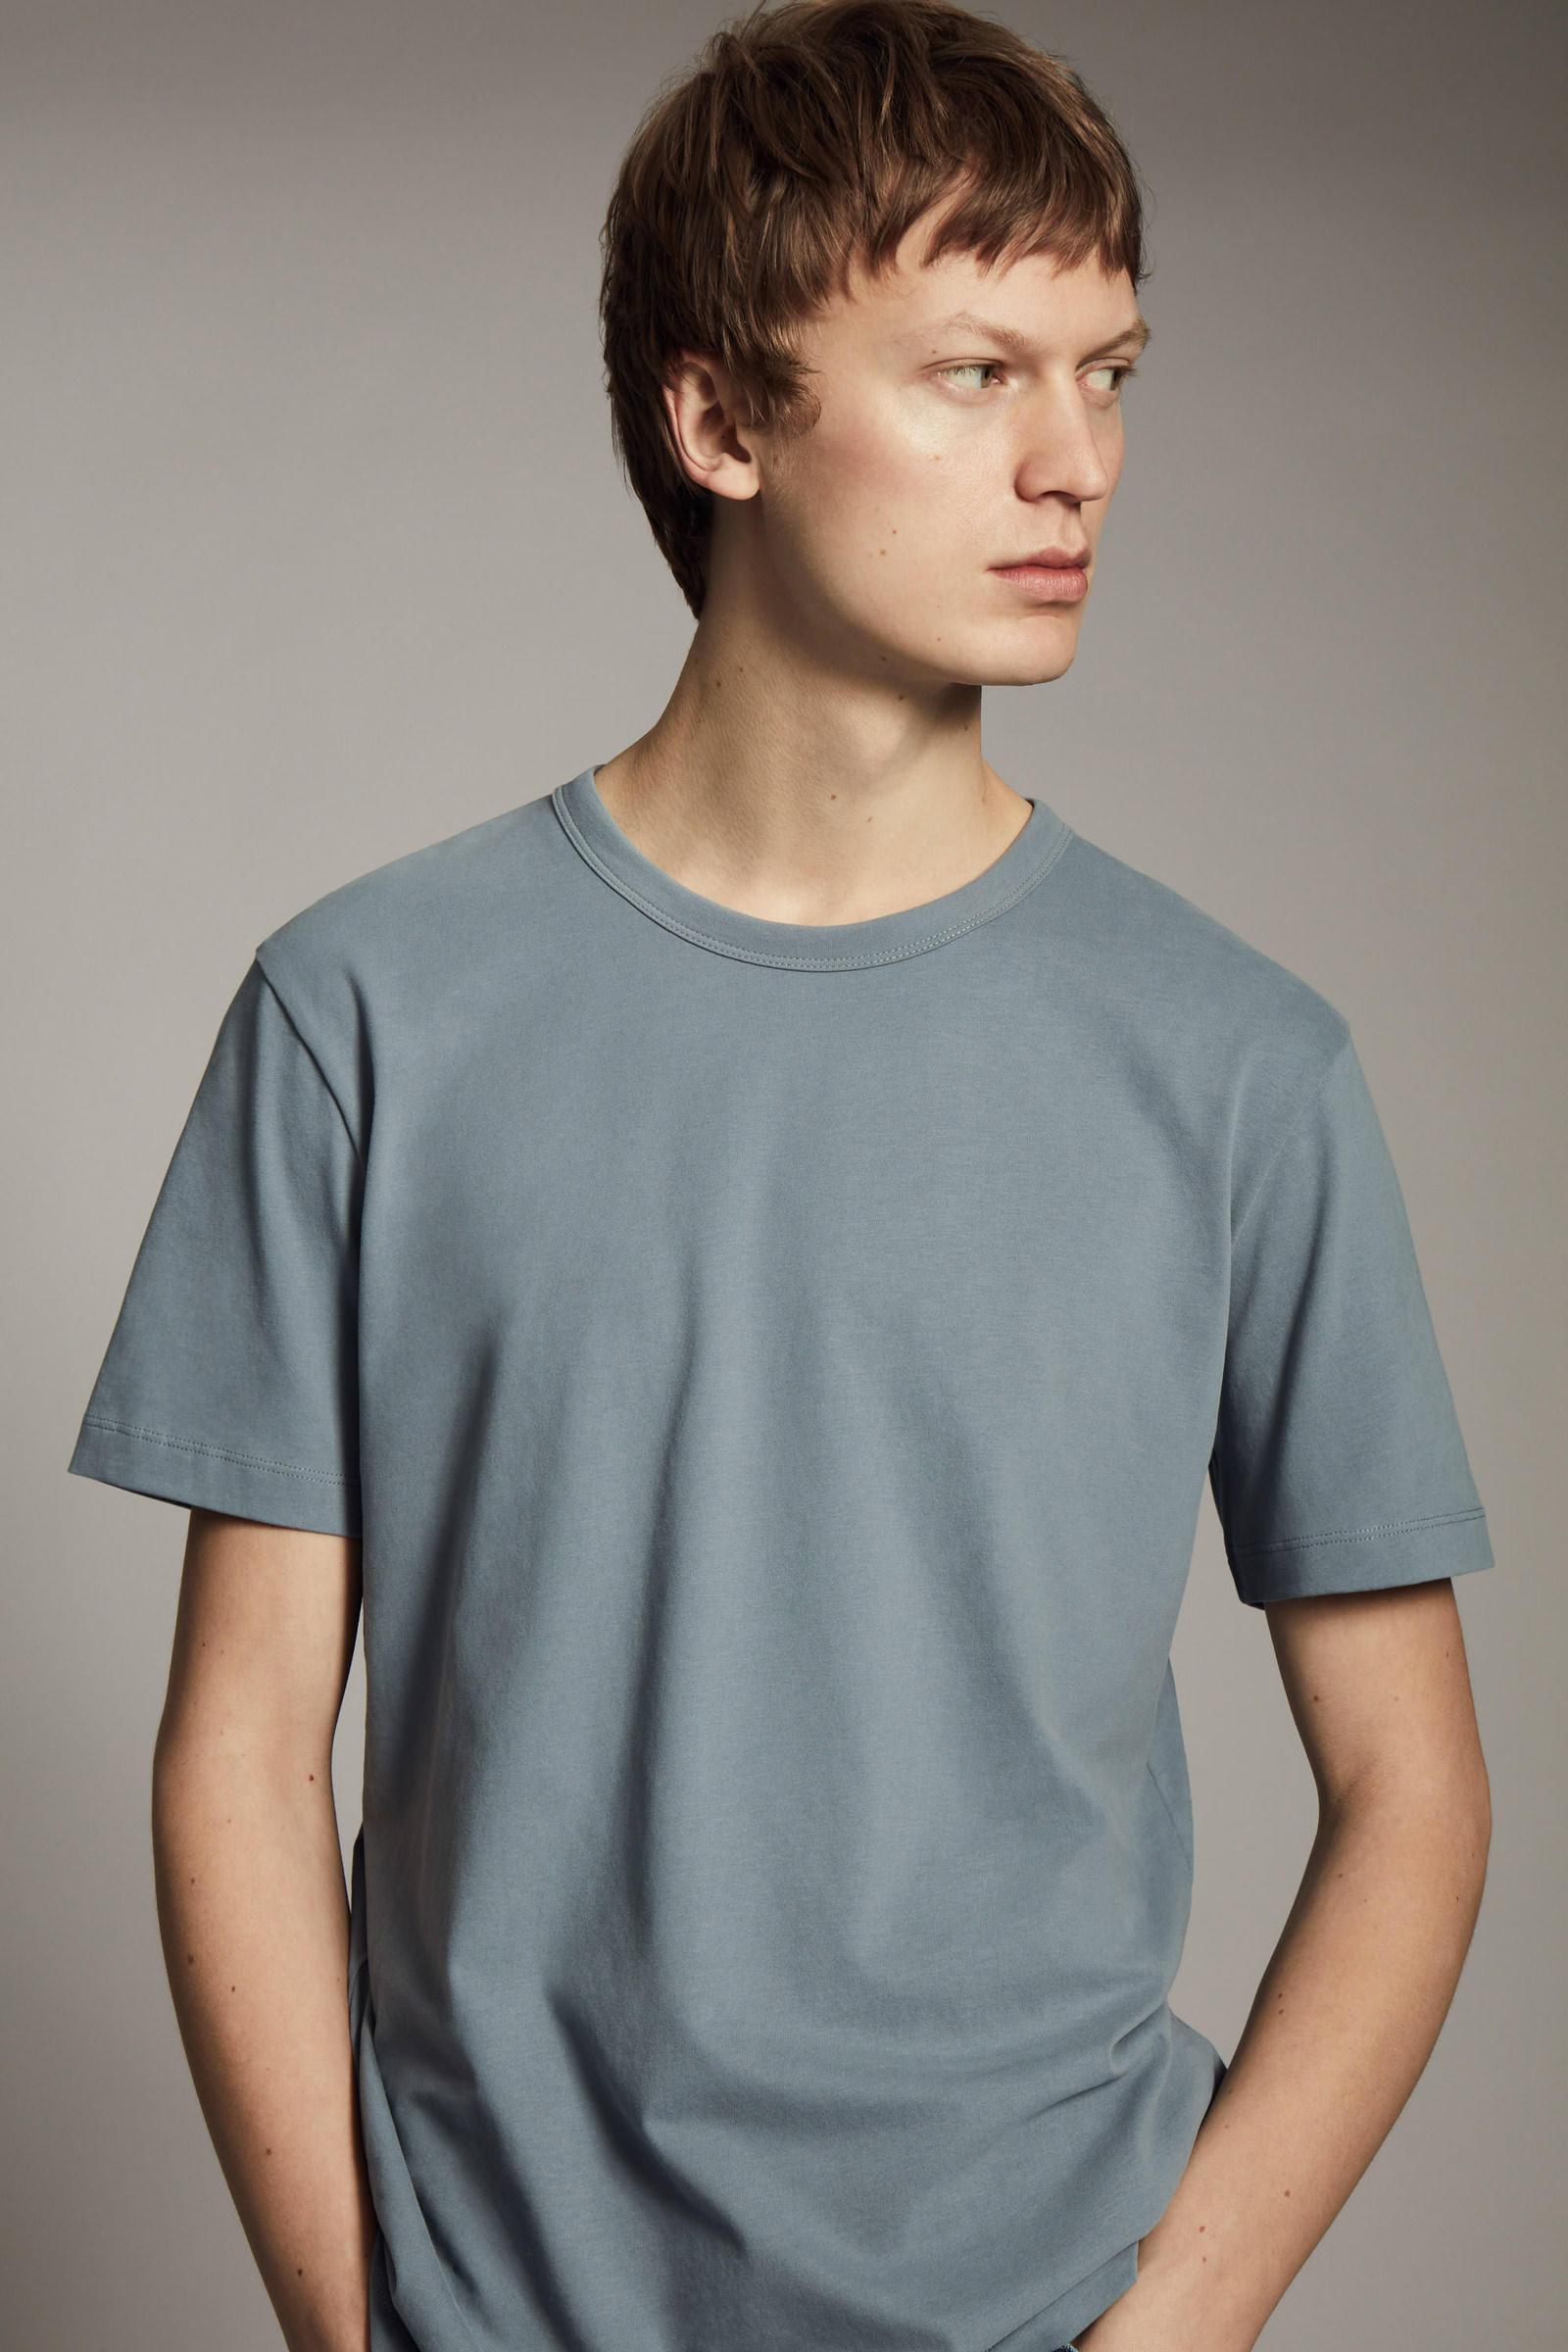 COS 레귤러 핏 브러쉬드 코튼 티셔츠의 스틸 블루컬러 Environmental입니다.